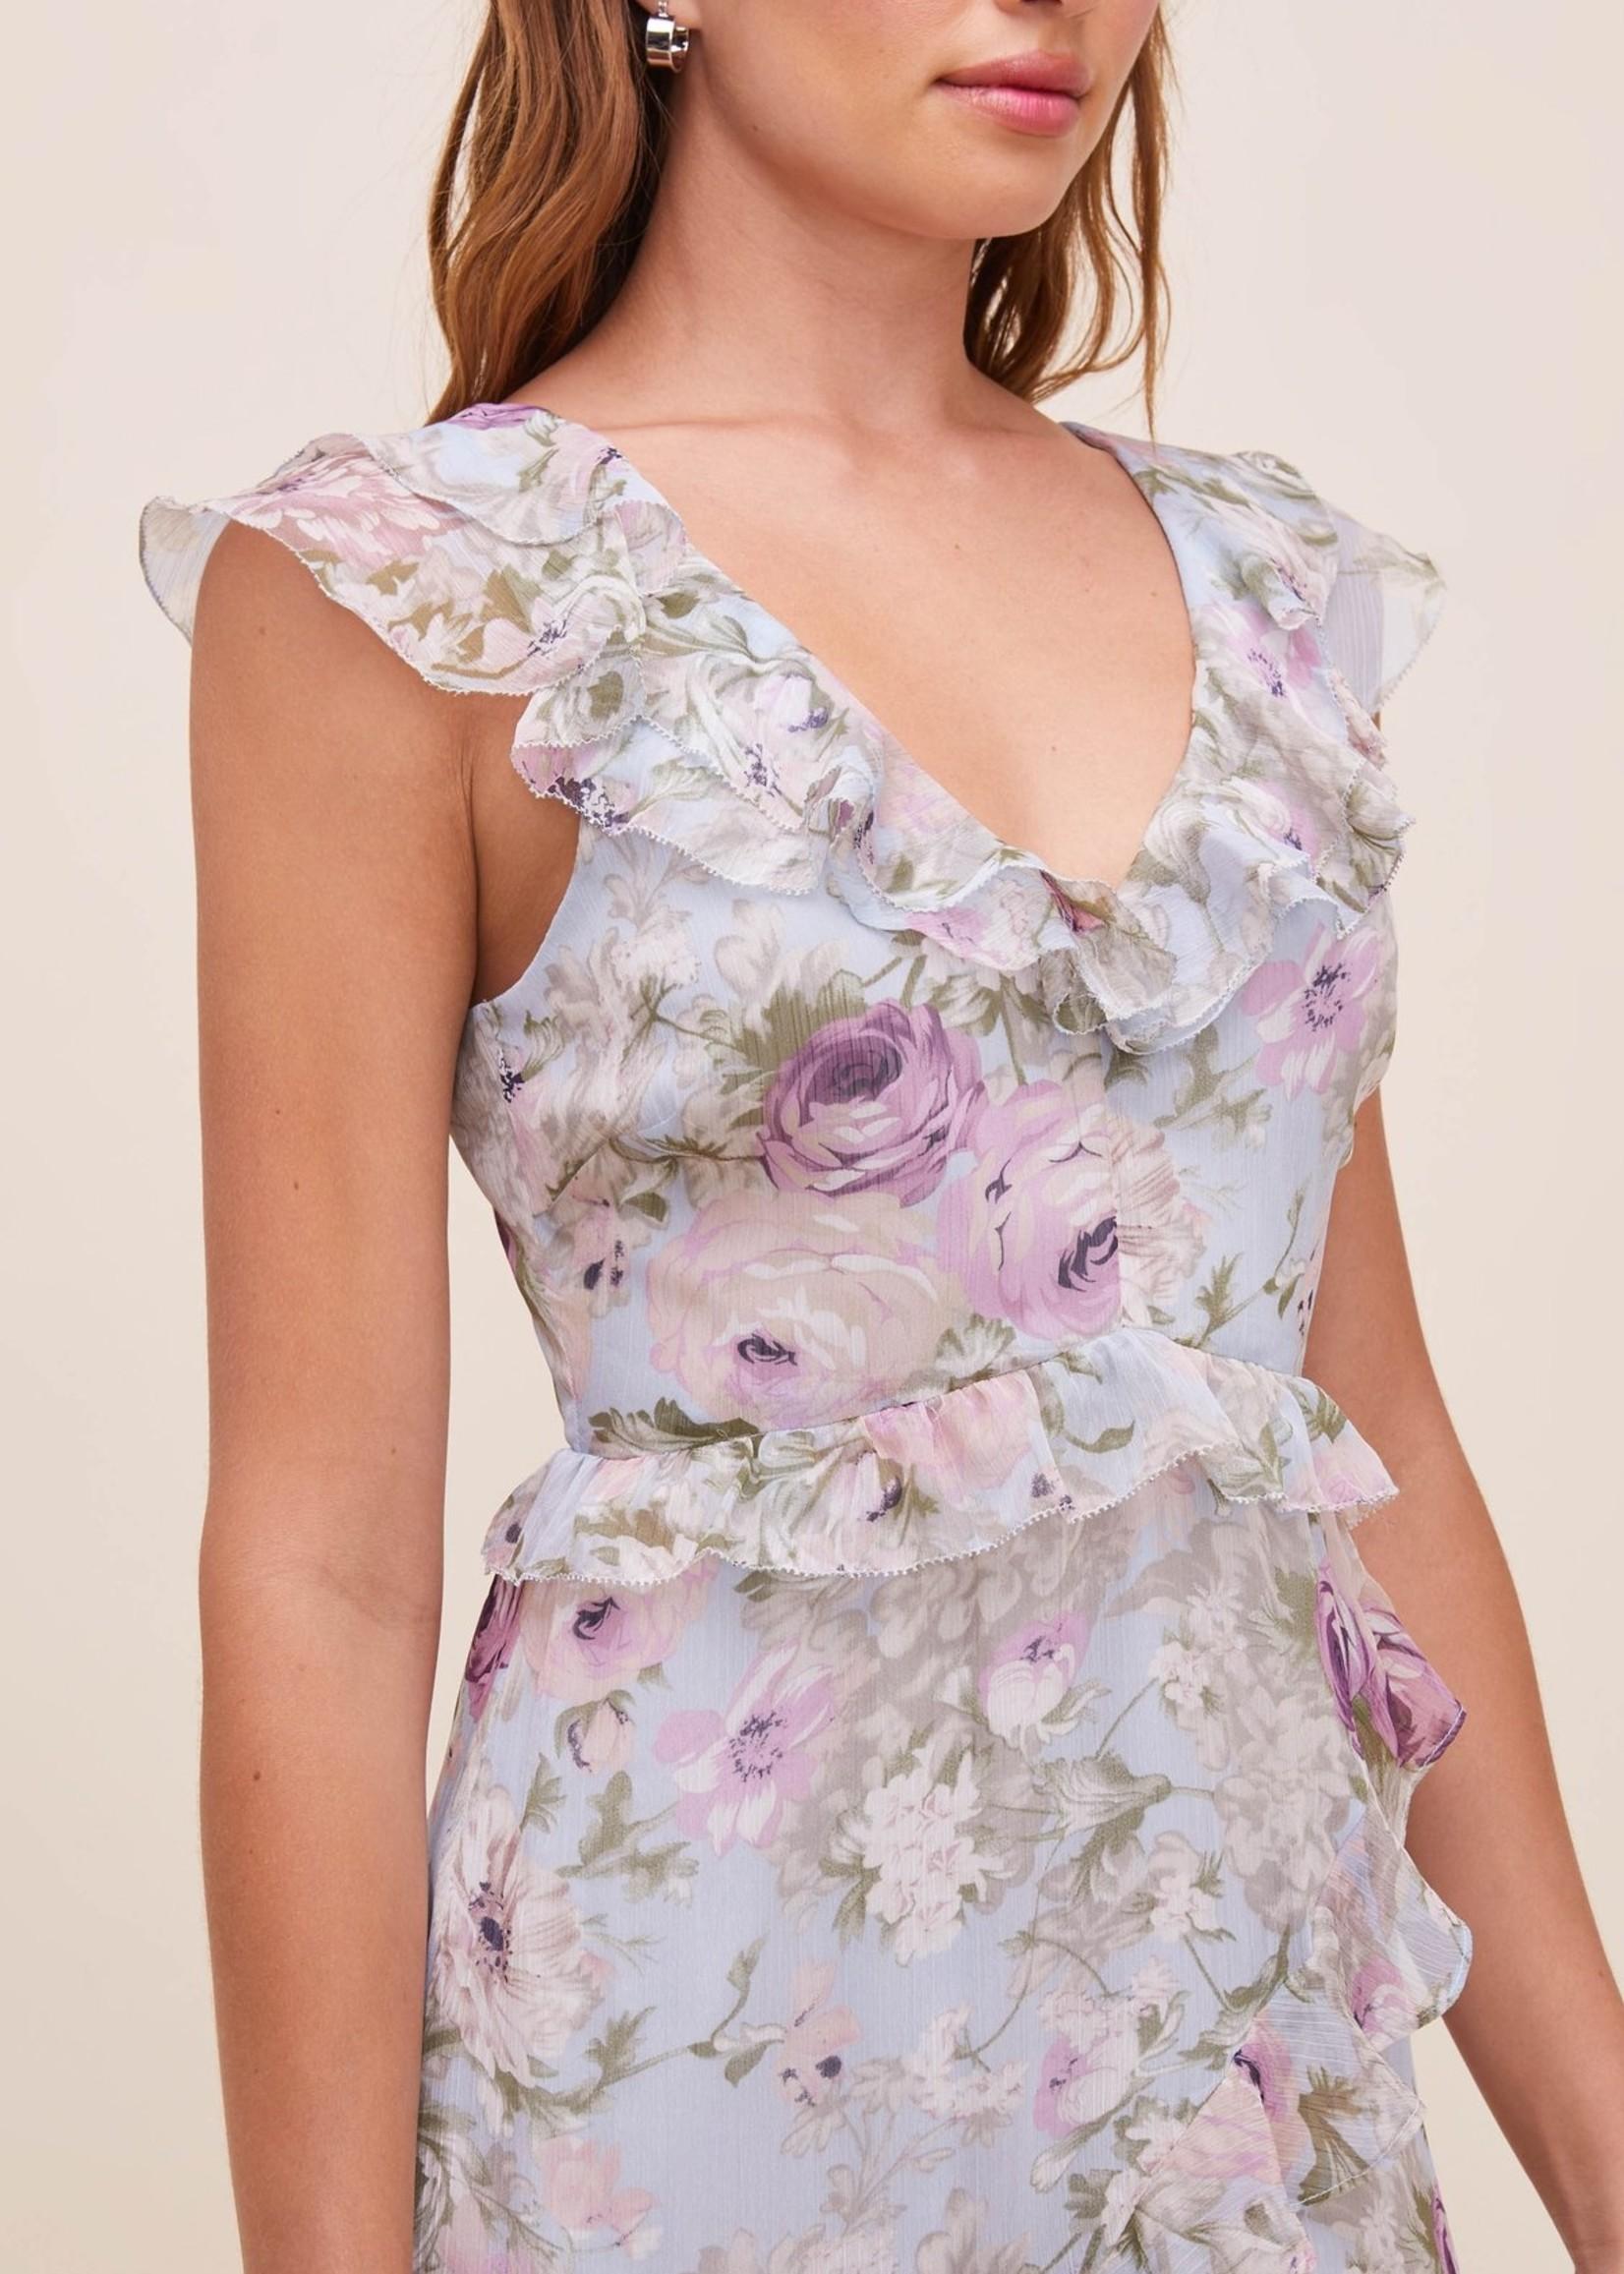 Elitaire Boutique Tempest Lilac Floral Dress